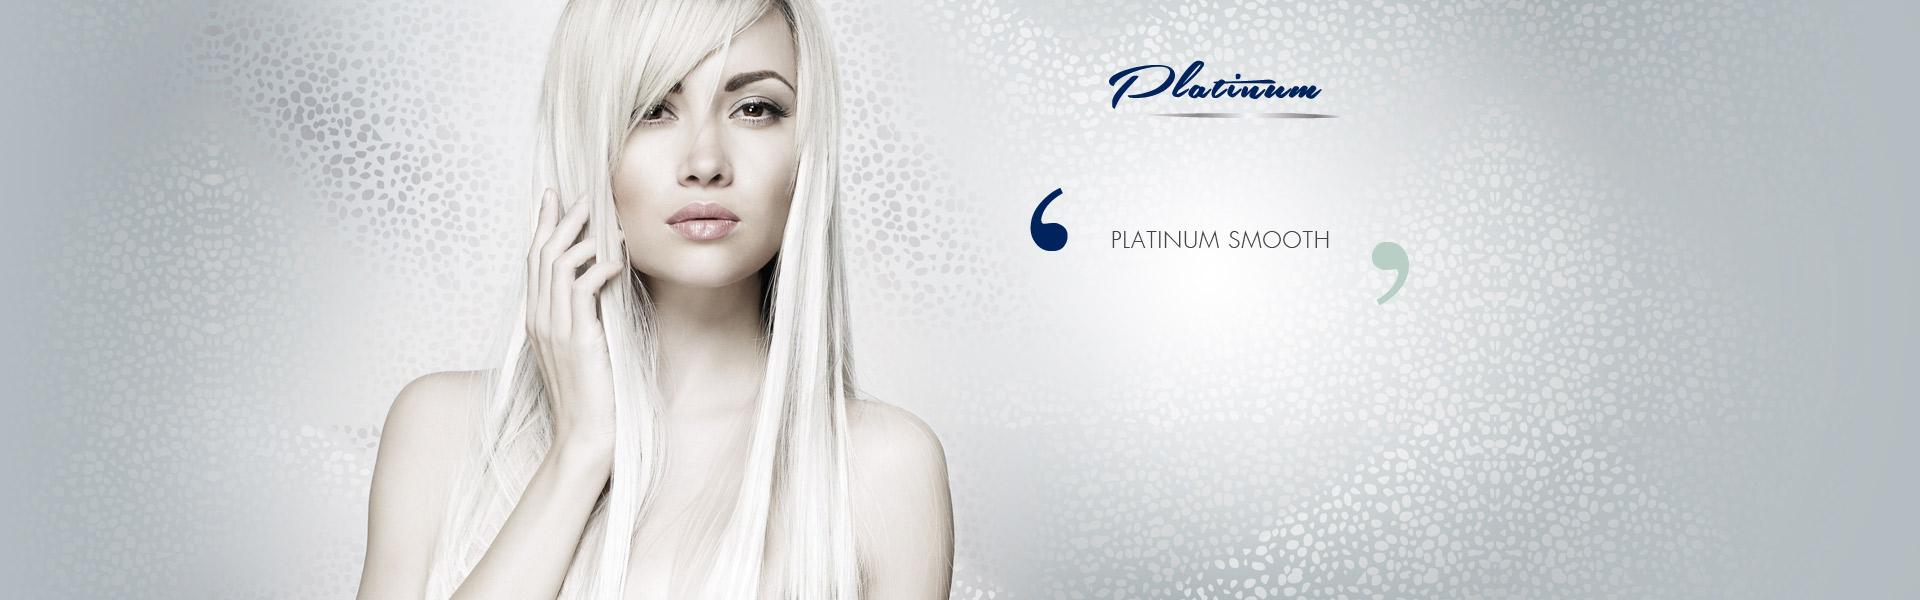 EN_banner_centrali_PLATINUM